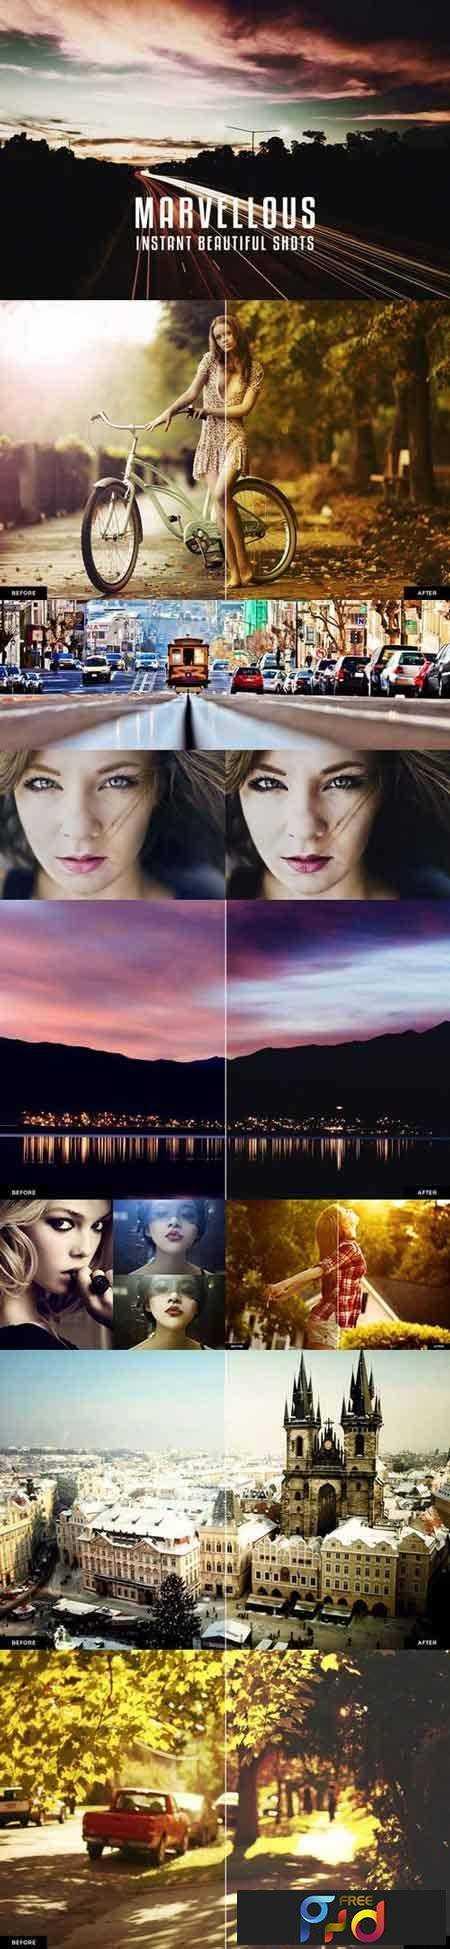 freepsdvn-com_1468344309_marvellous-photoshop-actions-359409